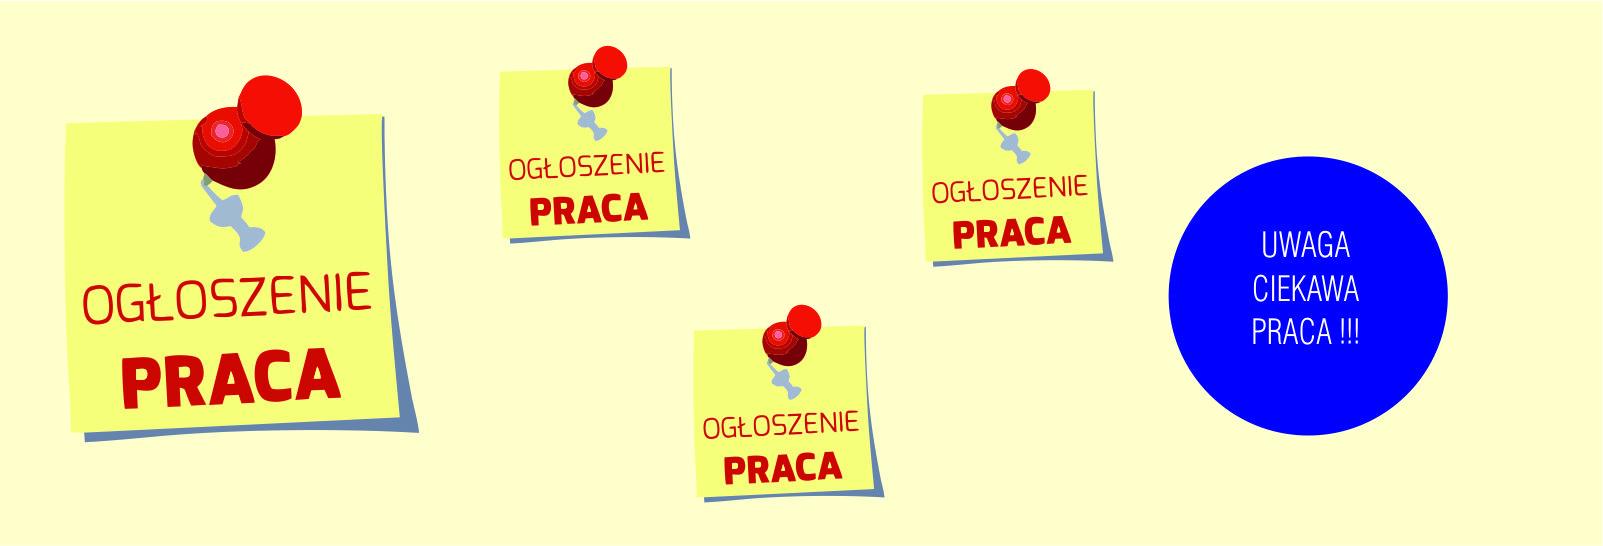 Wojewódzki Ośrodek Sportu i Rekreacji w Drzonkowie – Dla